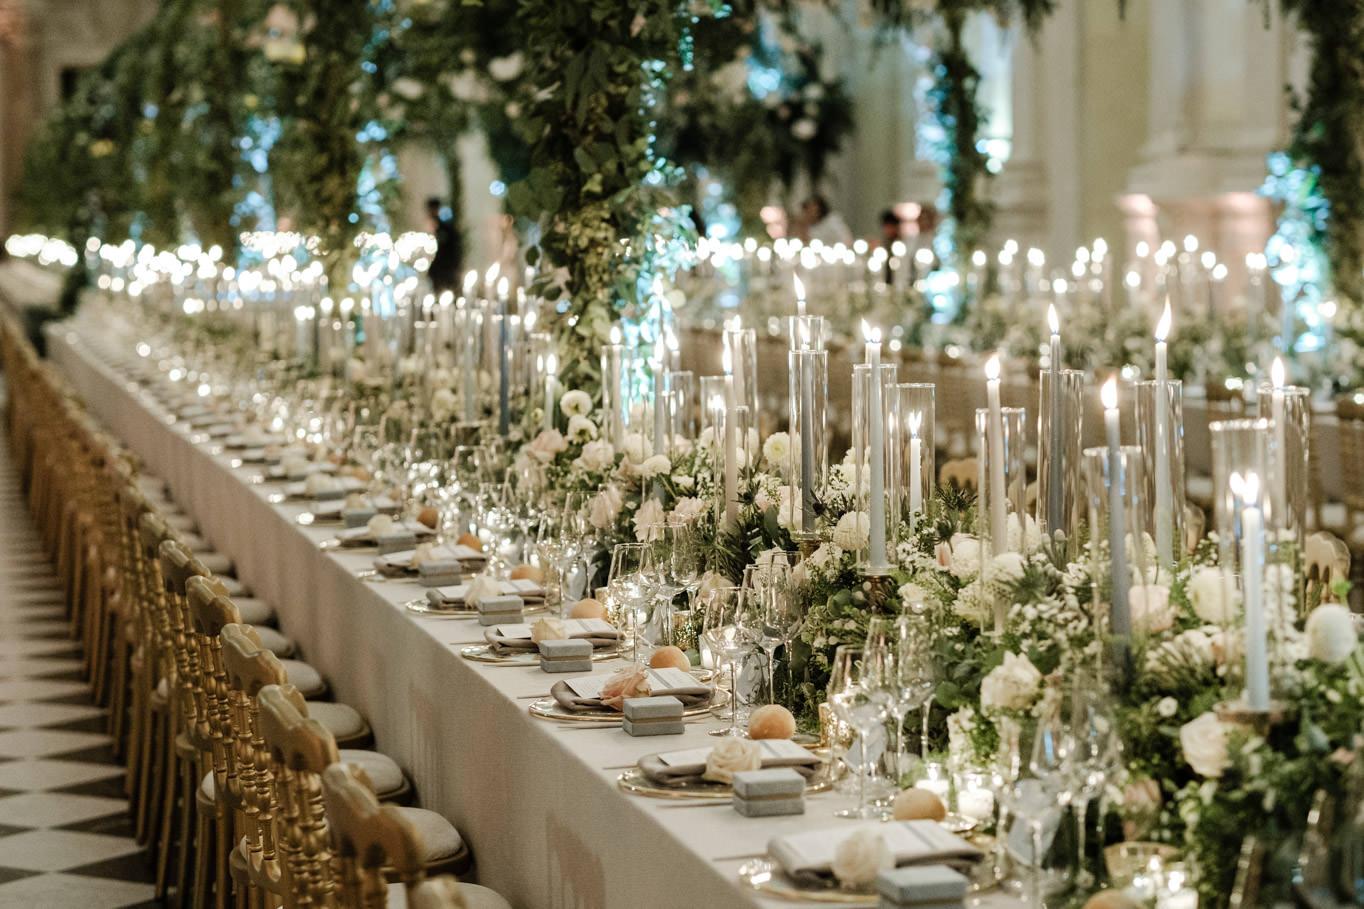 table setting reggia di venaria cristina chiabotto